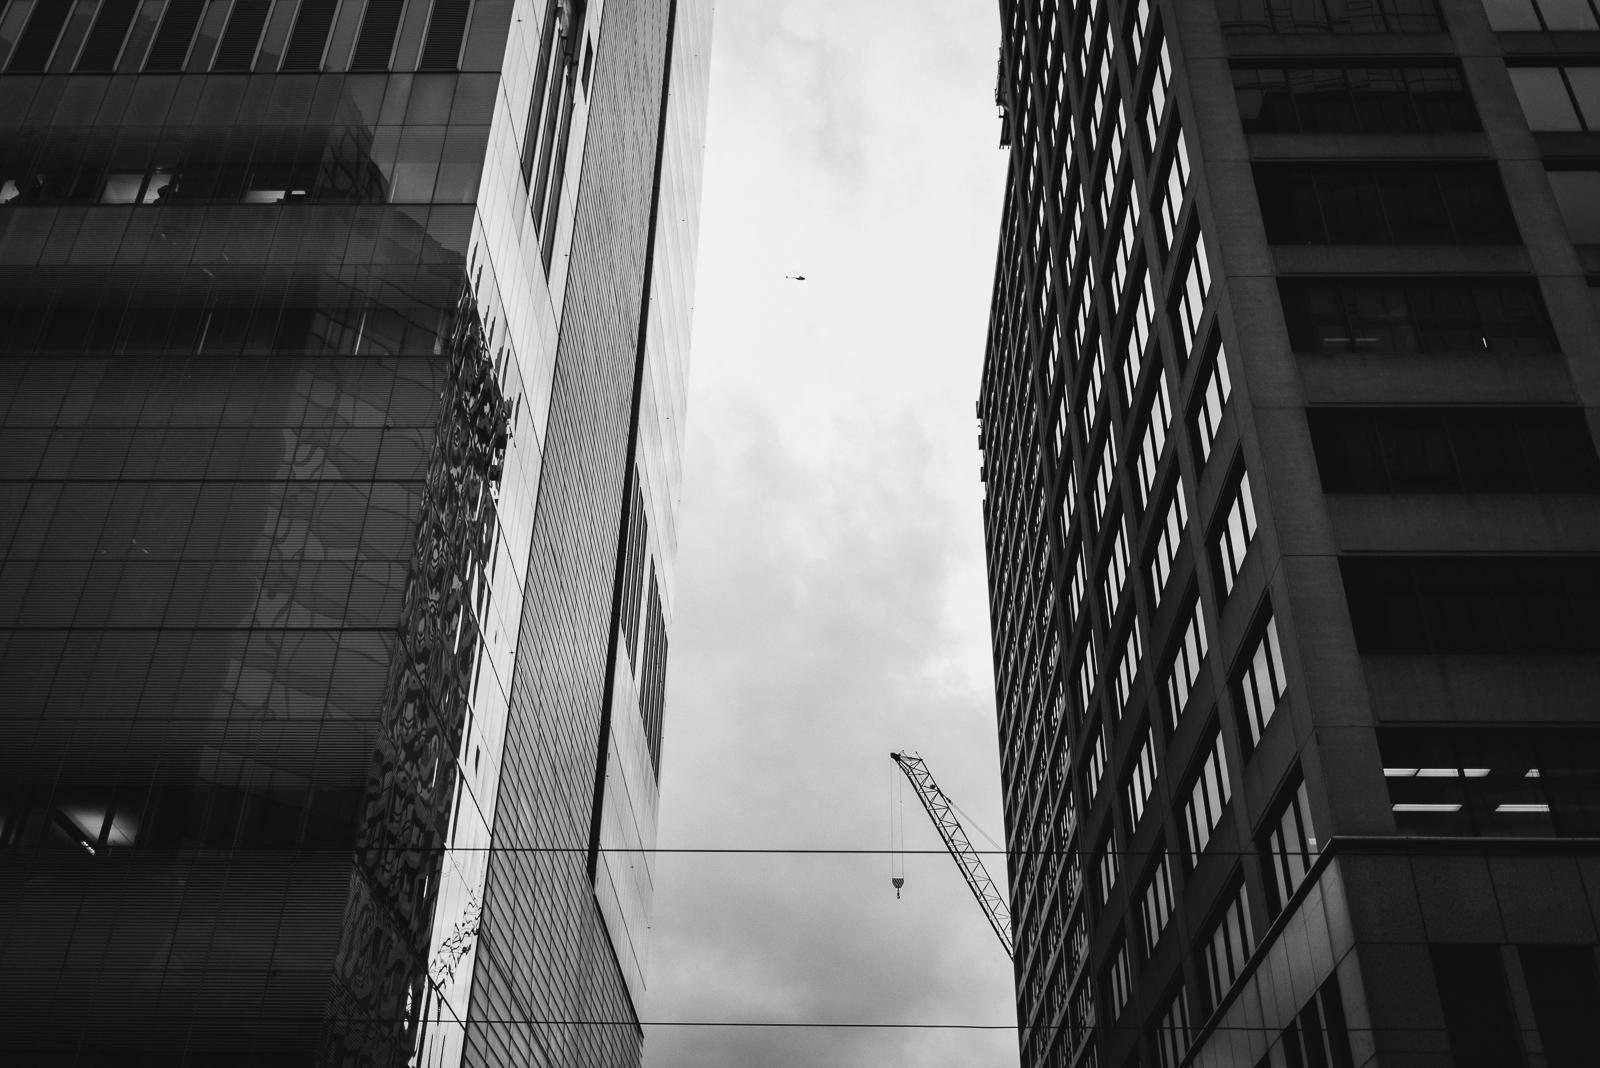 toronto-street-october-2018-blog-39.jpg